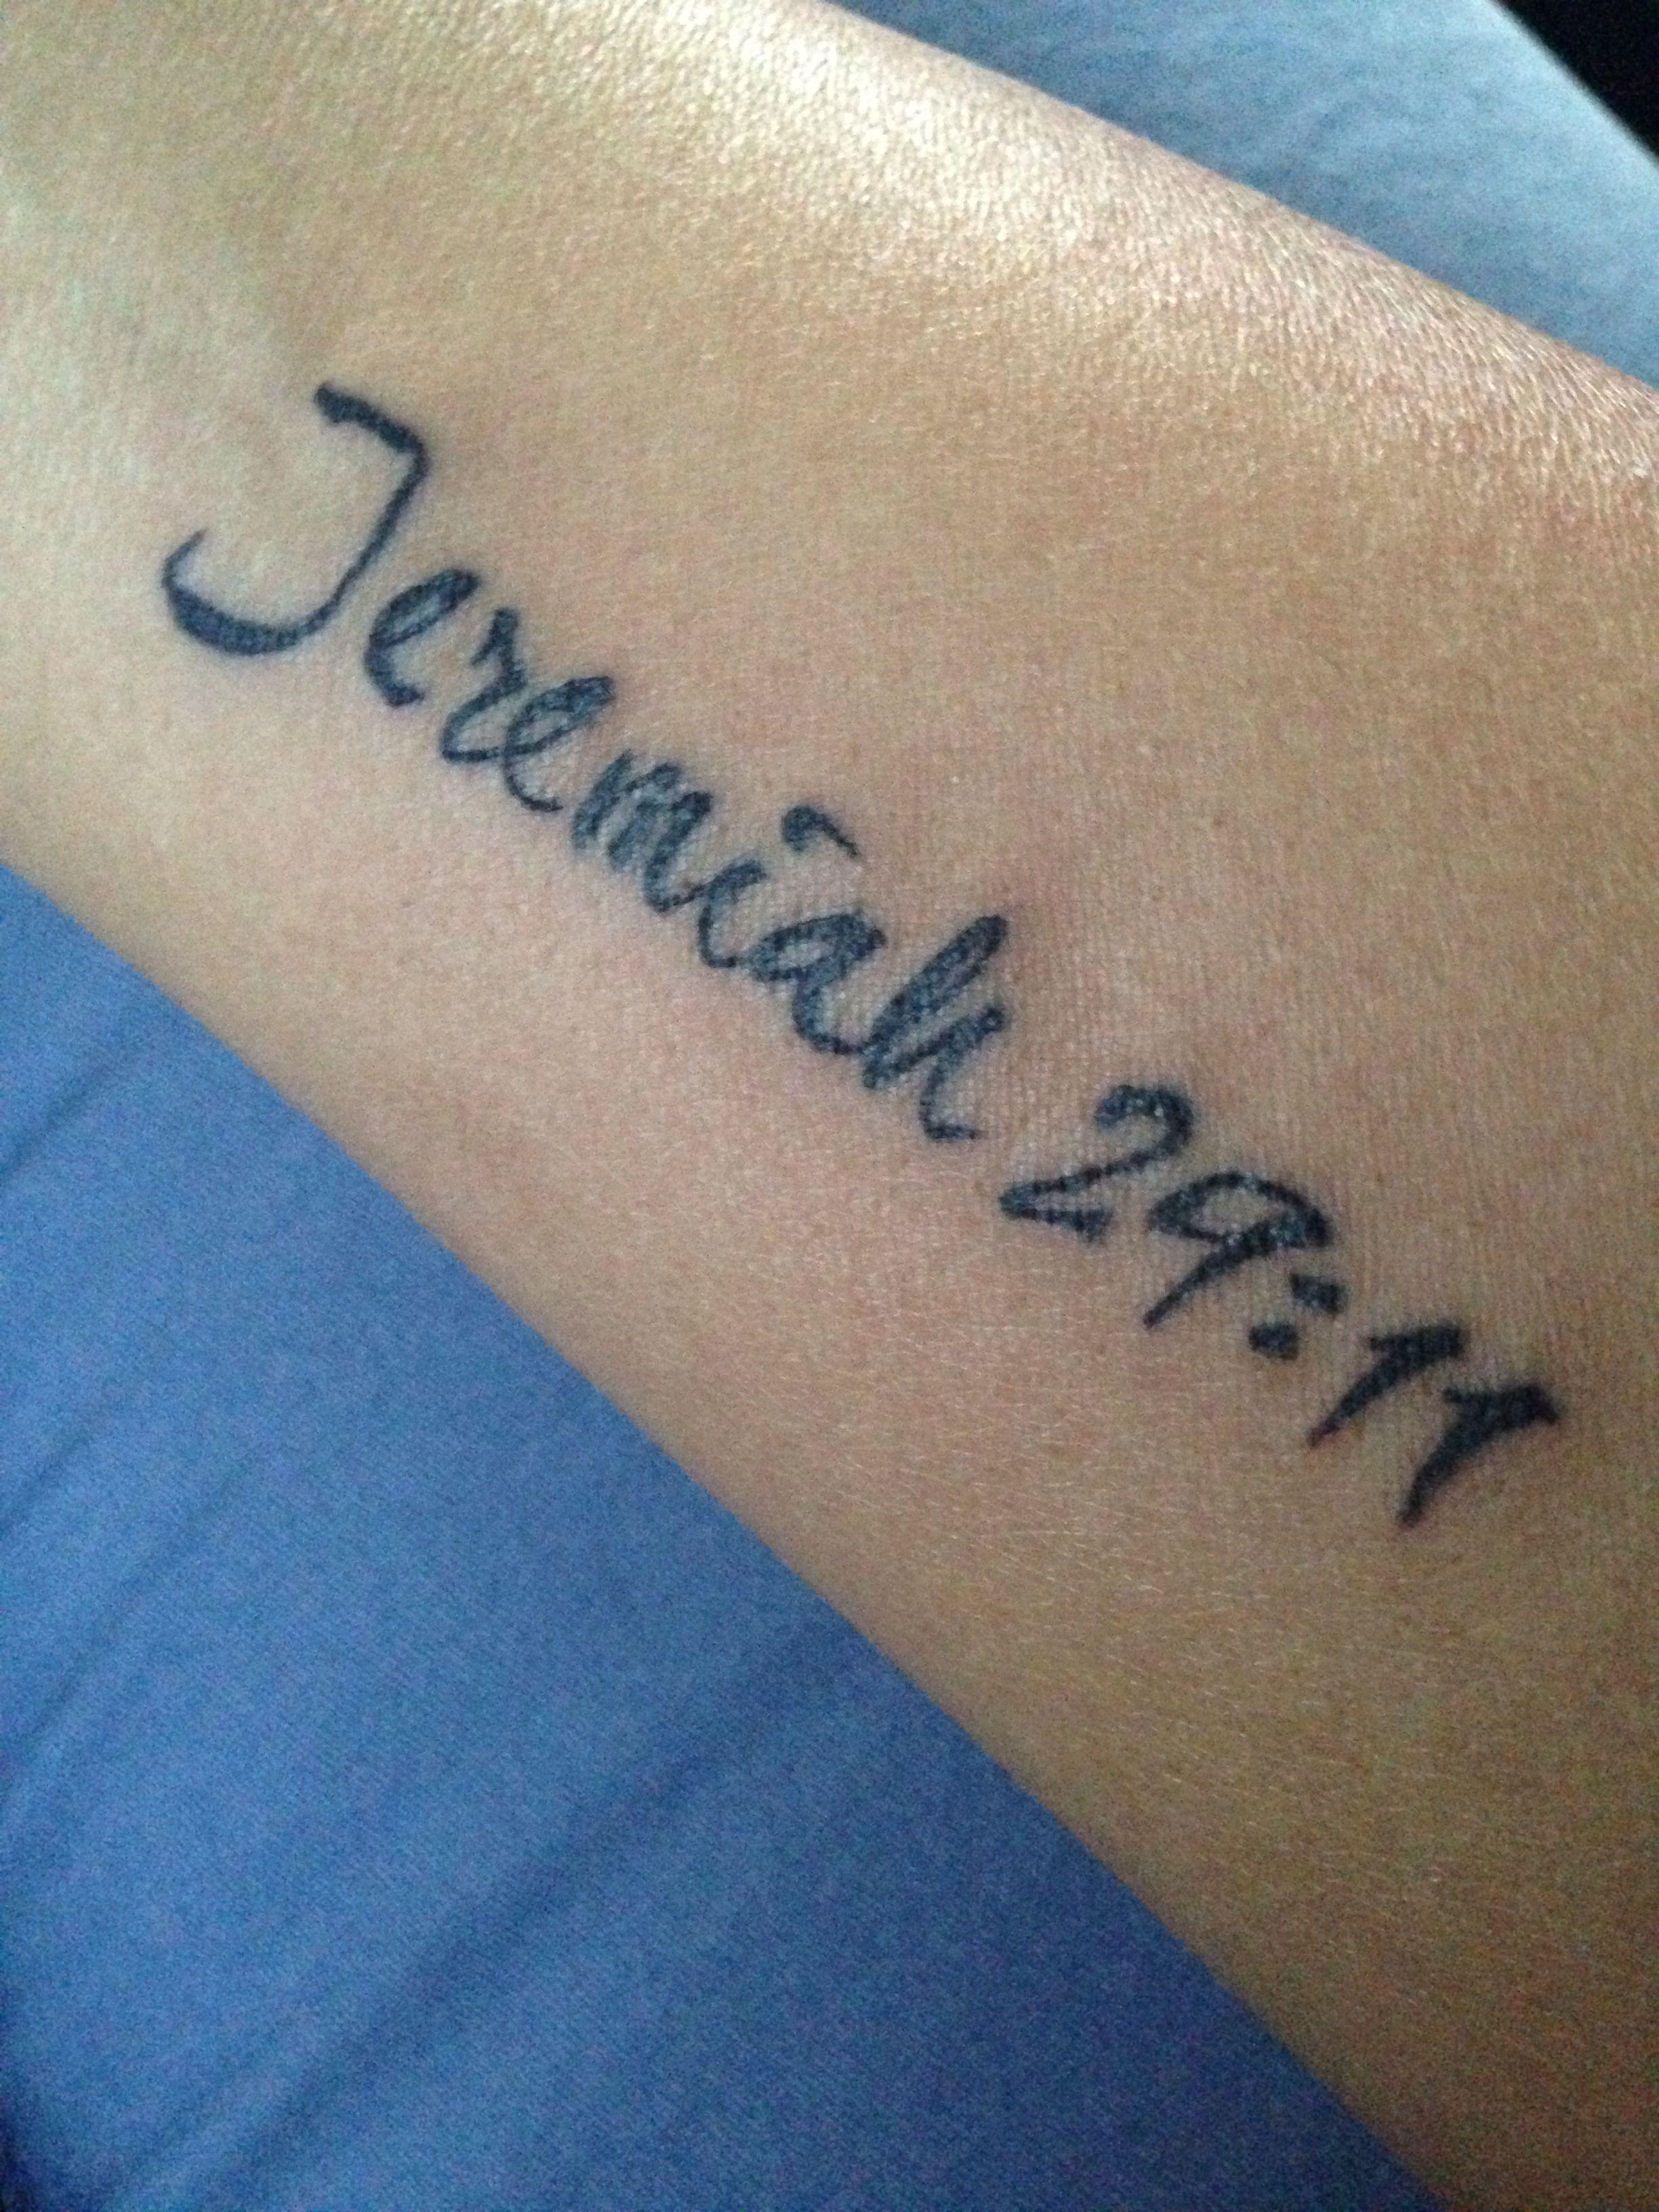 Jeremiah 2911 Tattoo Tattoo Ideas Tattoos Piercings Tatting